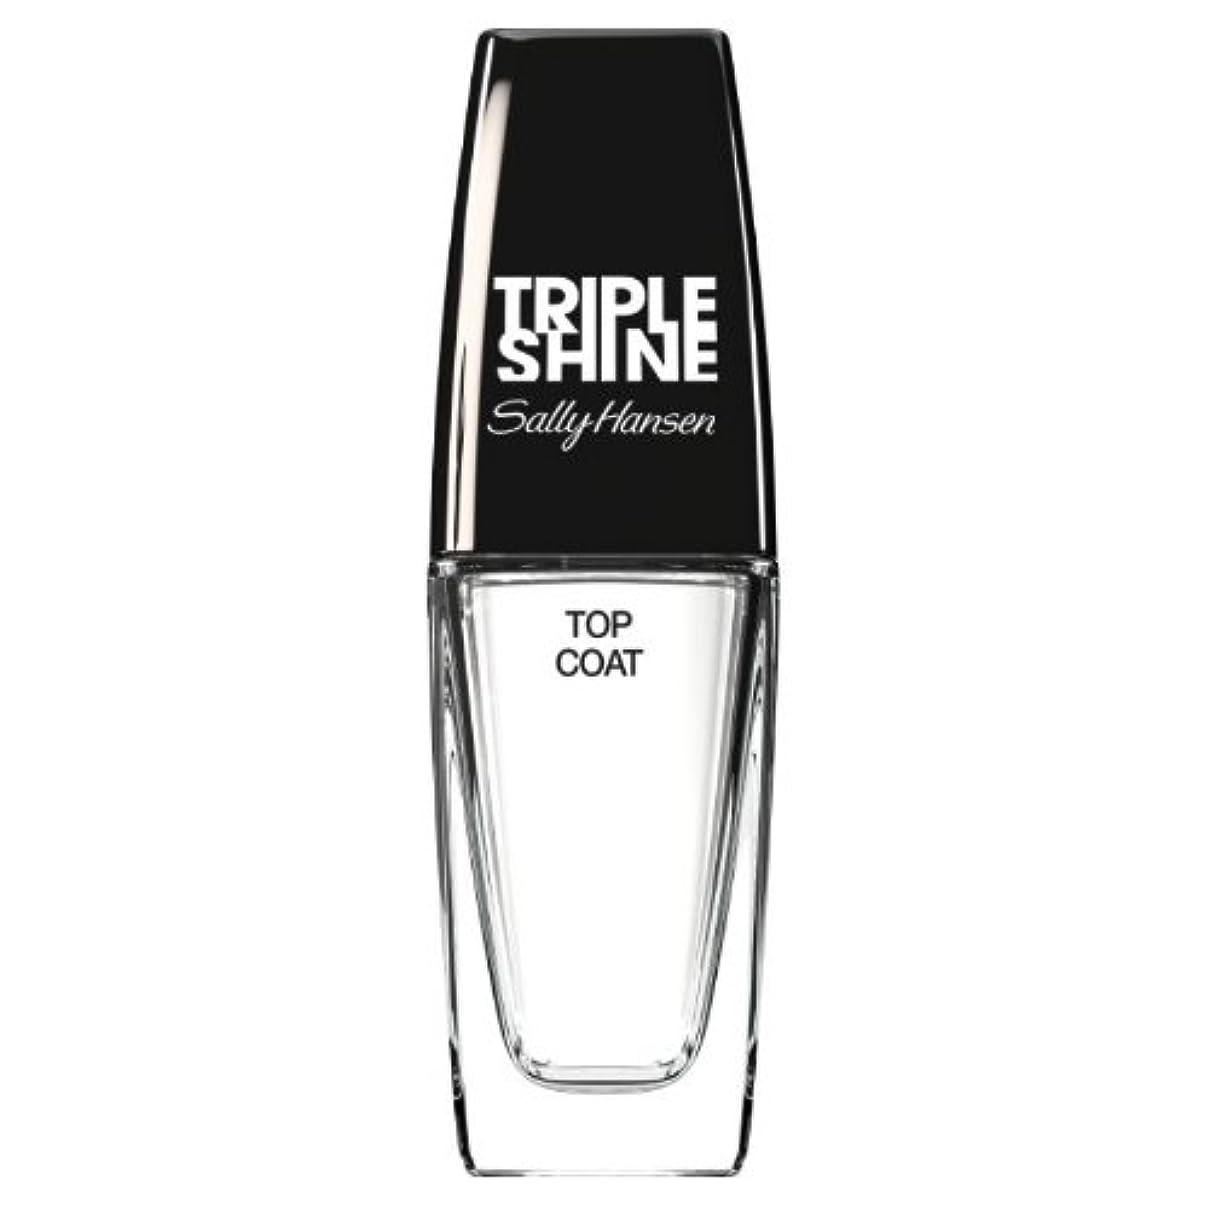 未就学液化する安全でない(3 Pack) SALLY HANSEN Triple Shine Top Coat - Triple Shine Top Coat (並行輸入品)